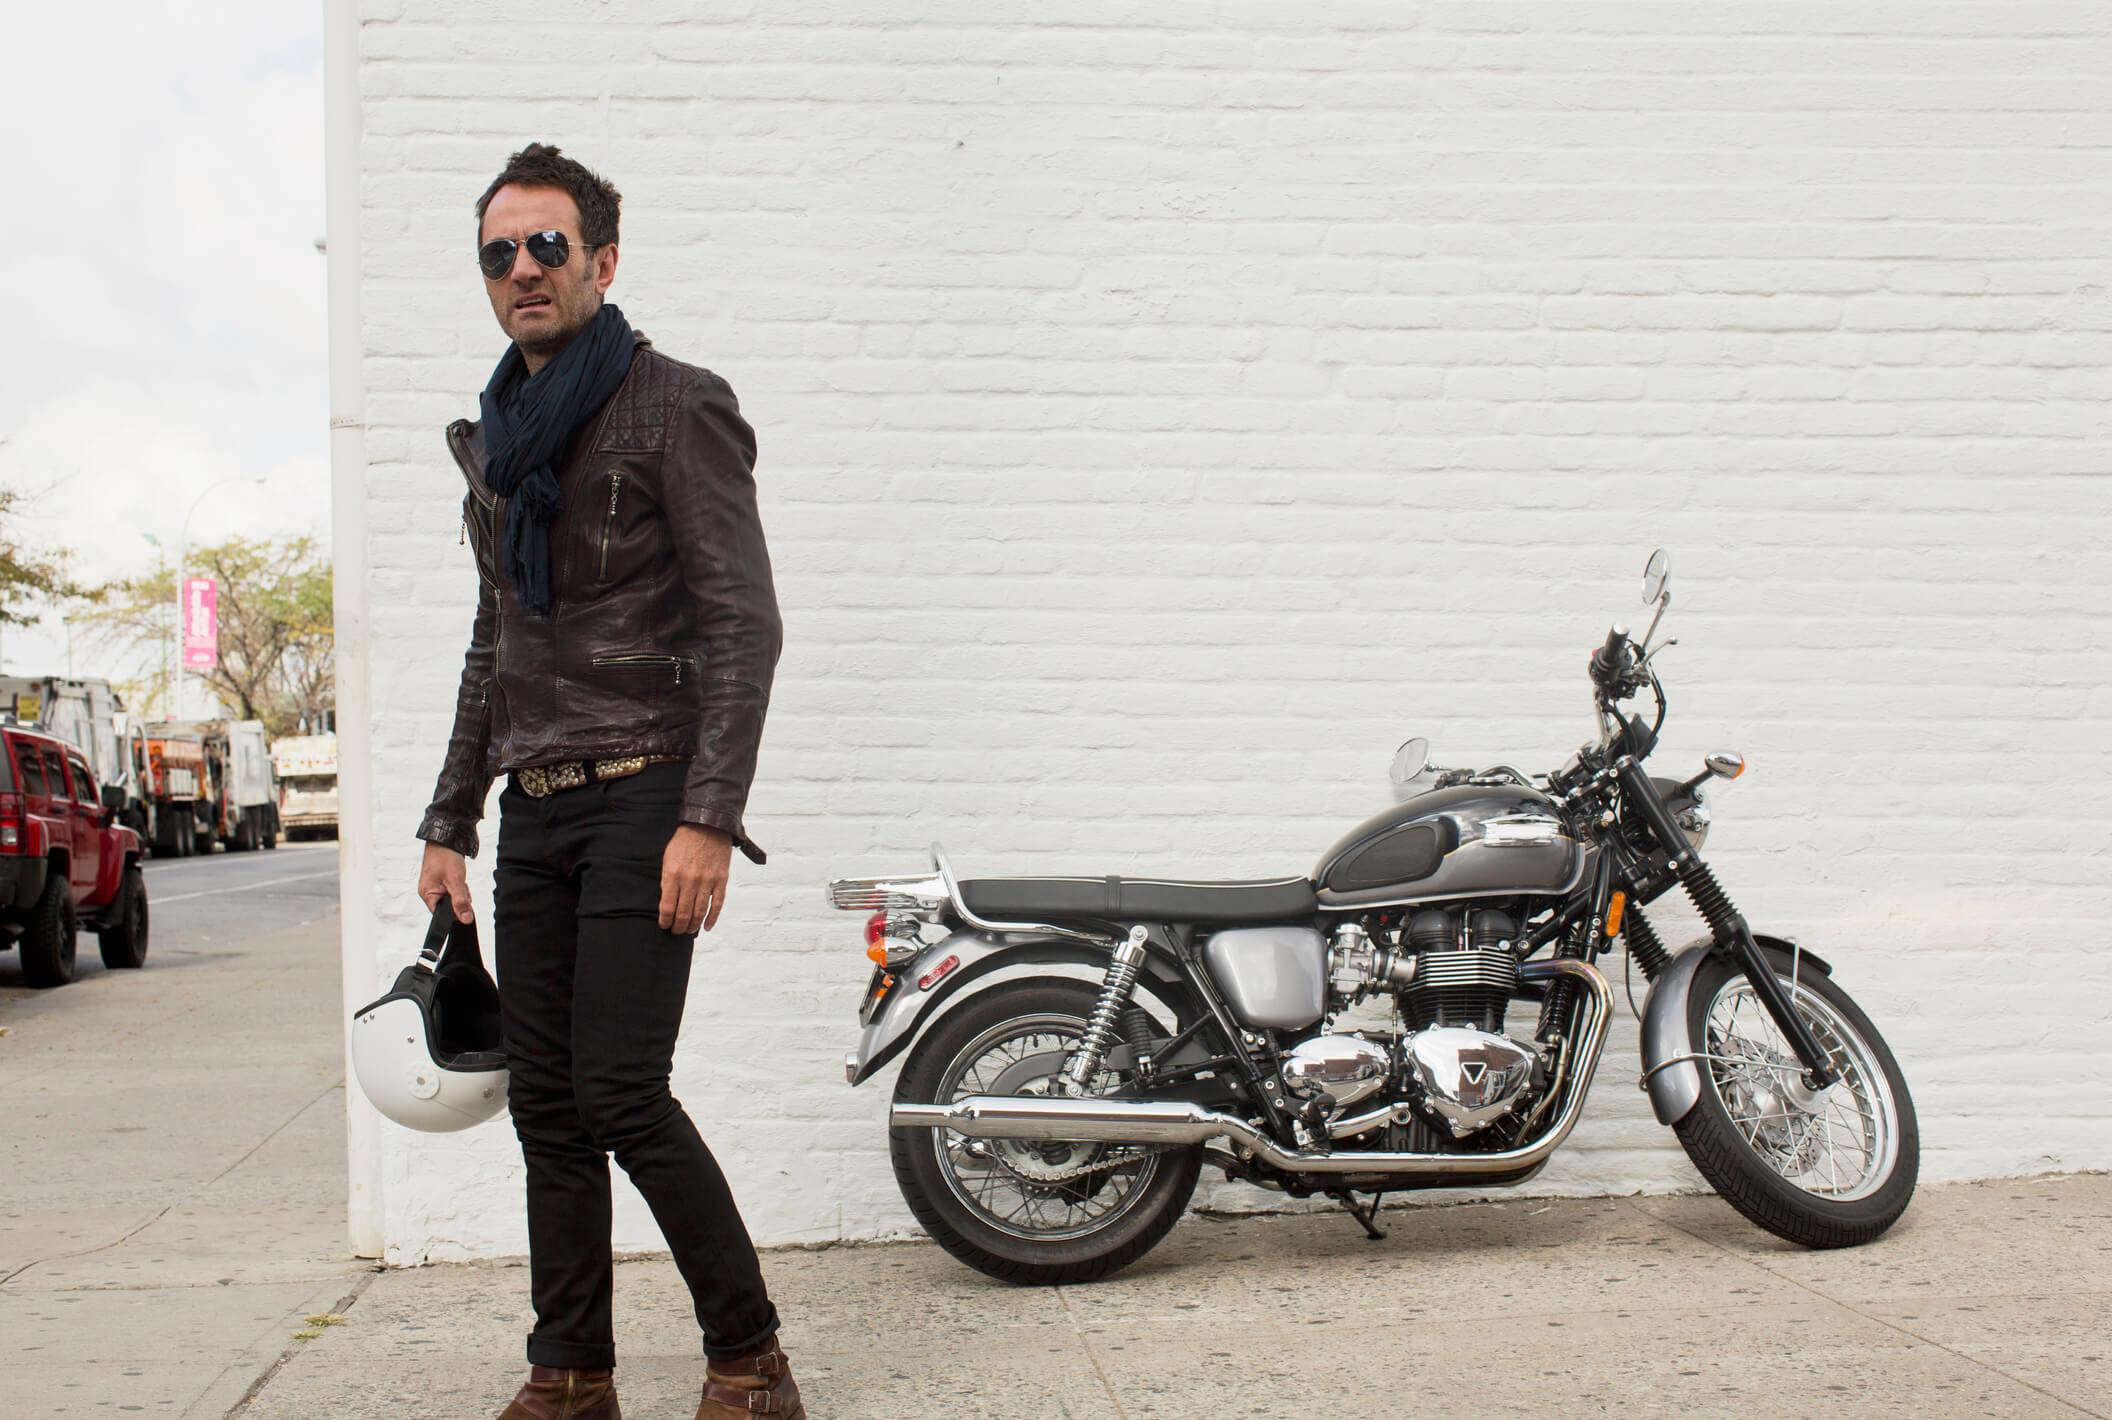 motocykl do wzrostu